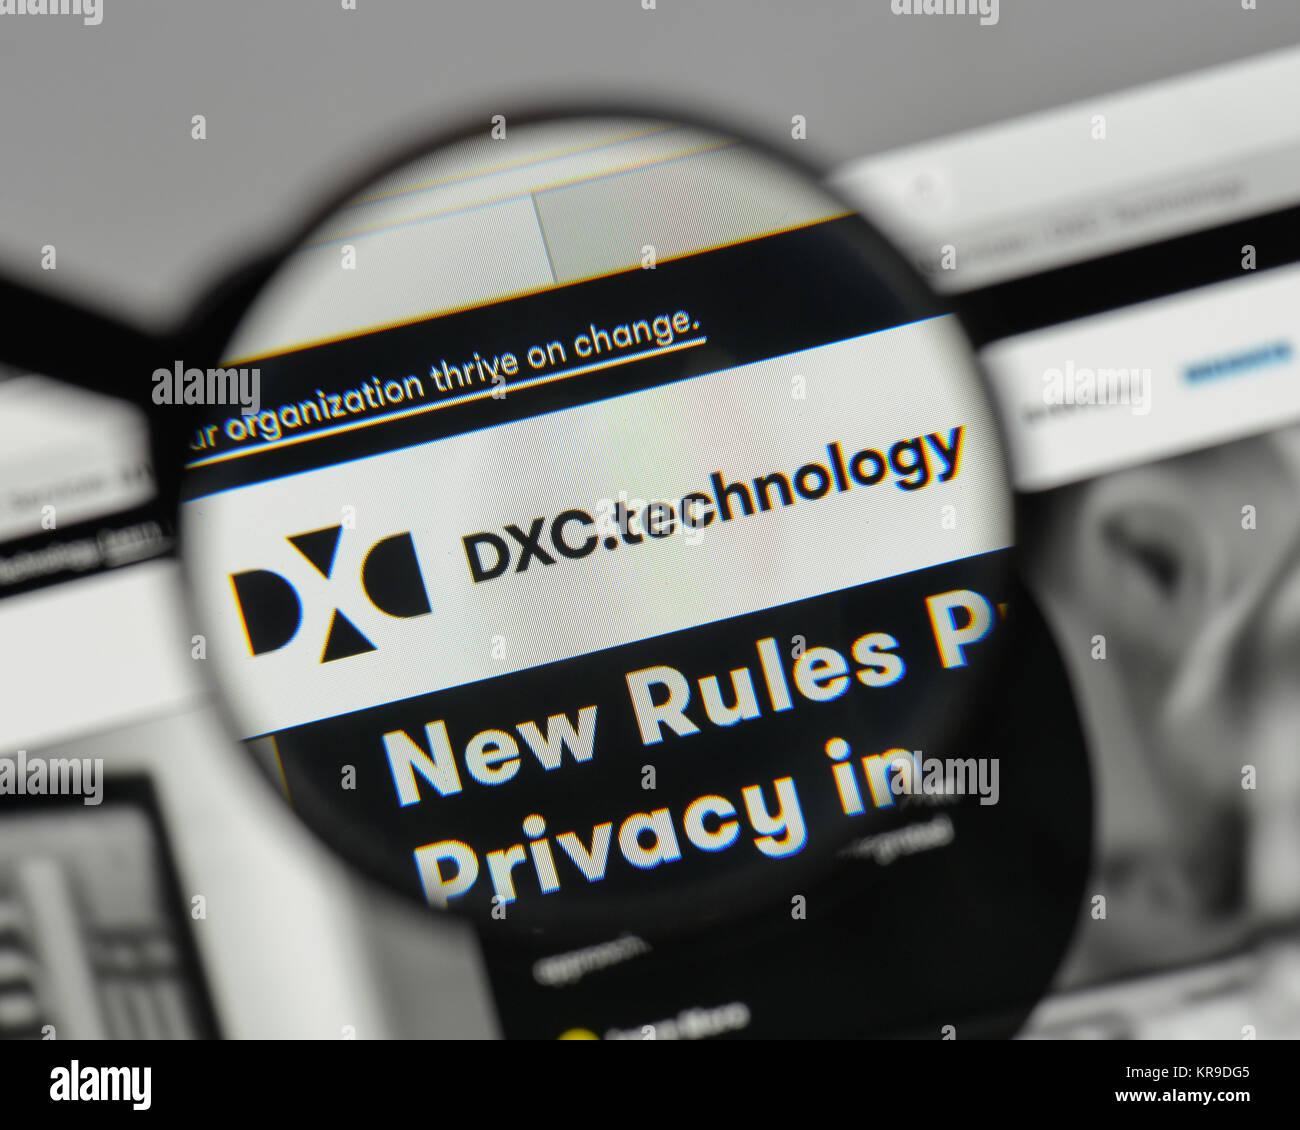 Dxc Stock Photos & Dxc Stock Images - Alamy